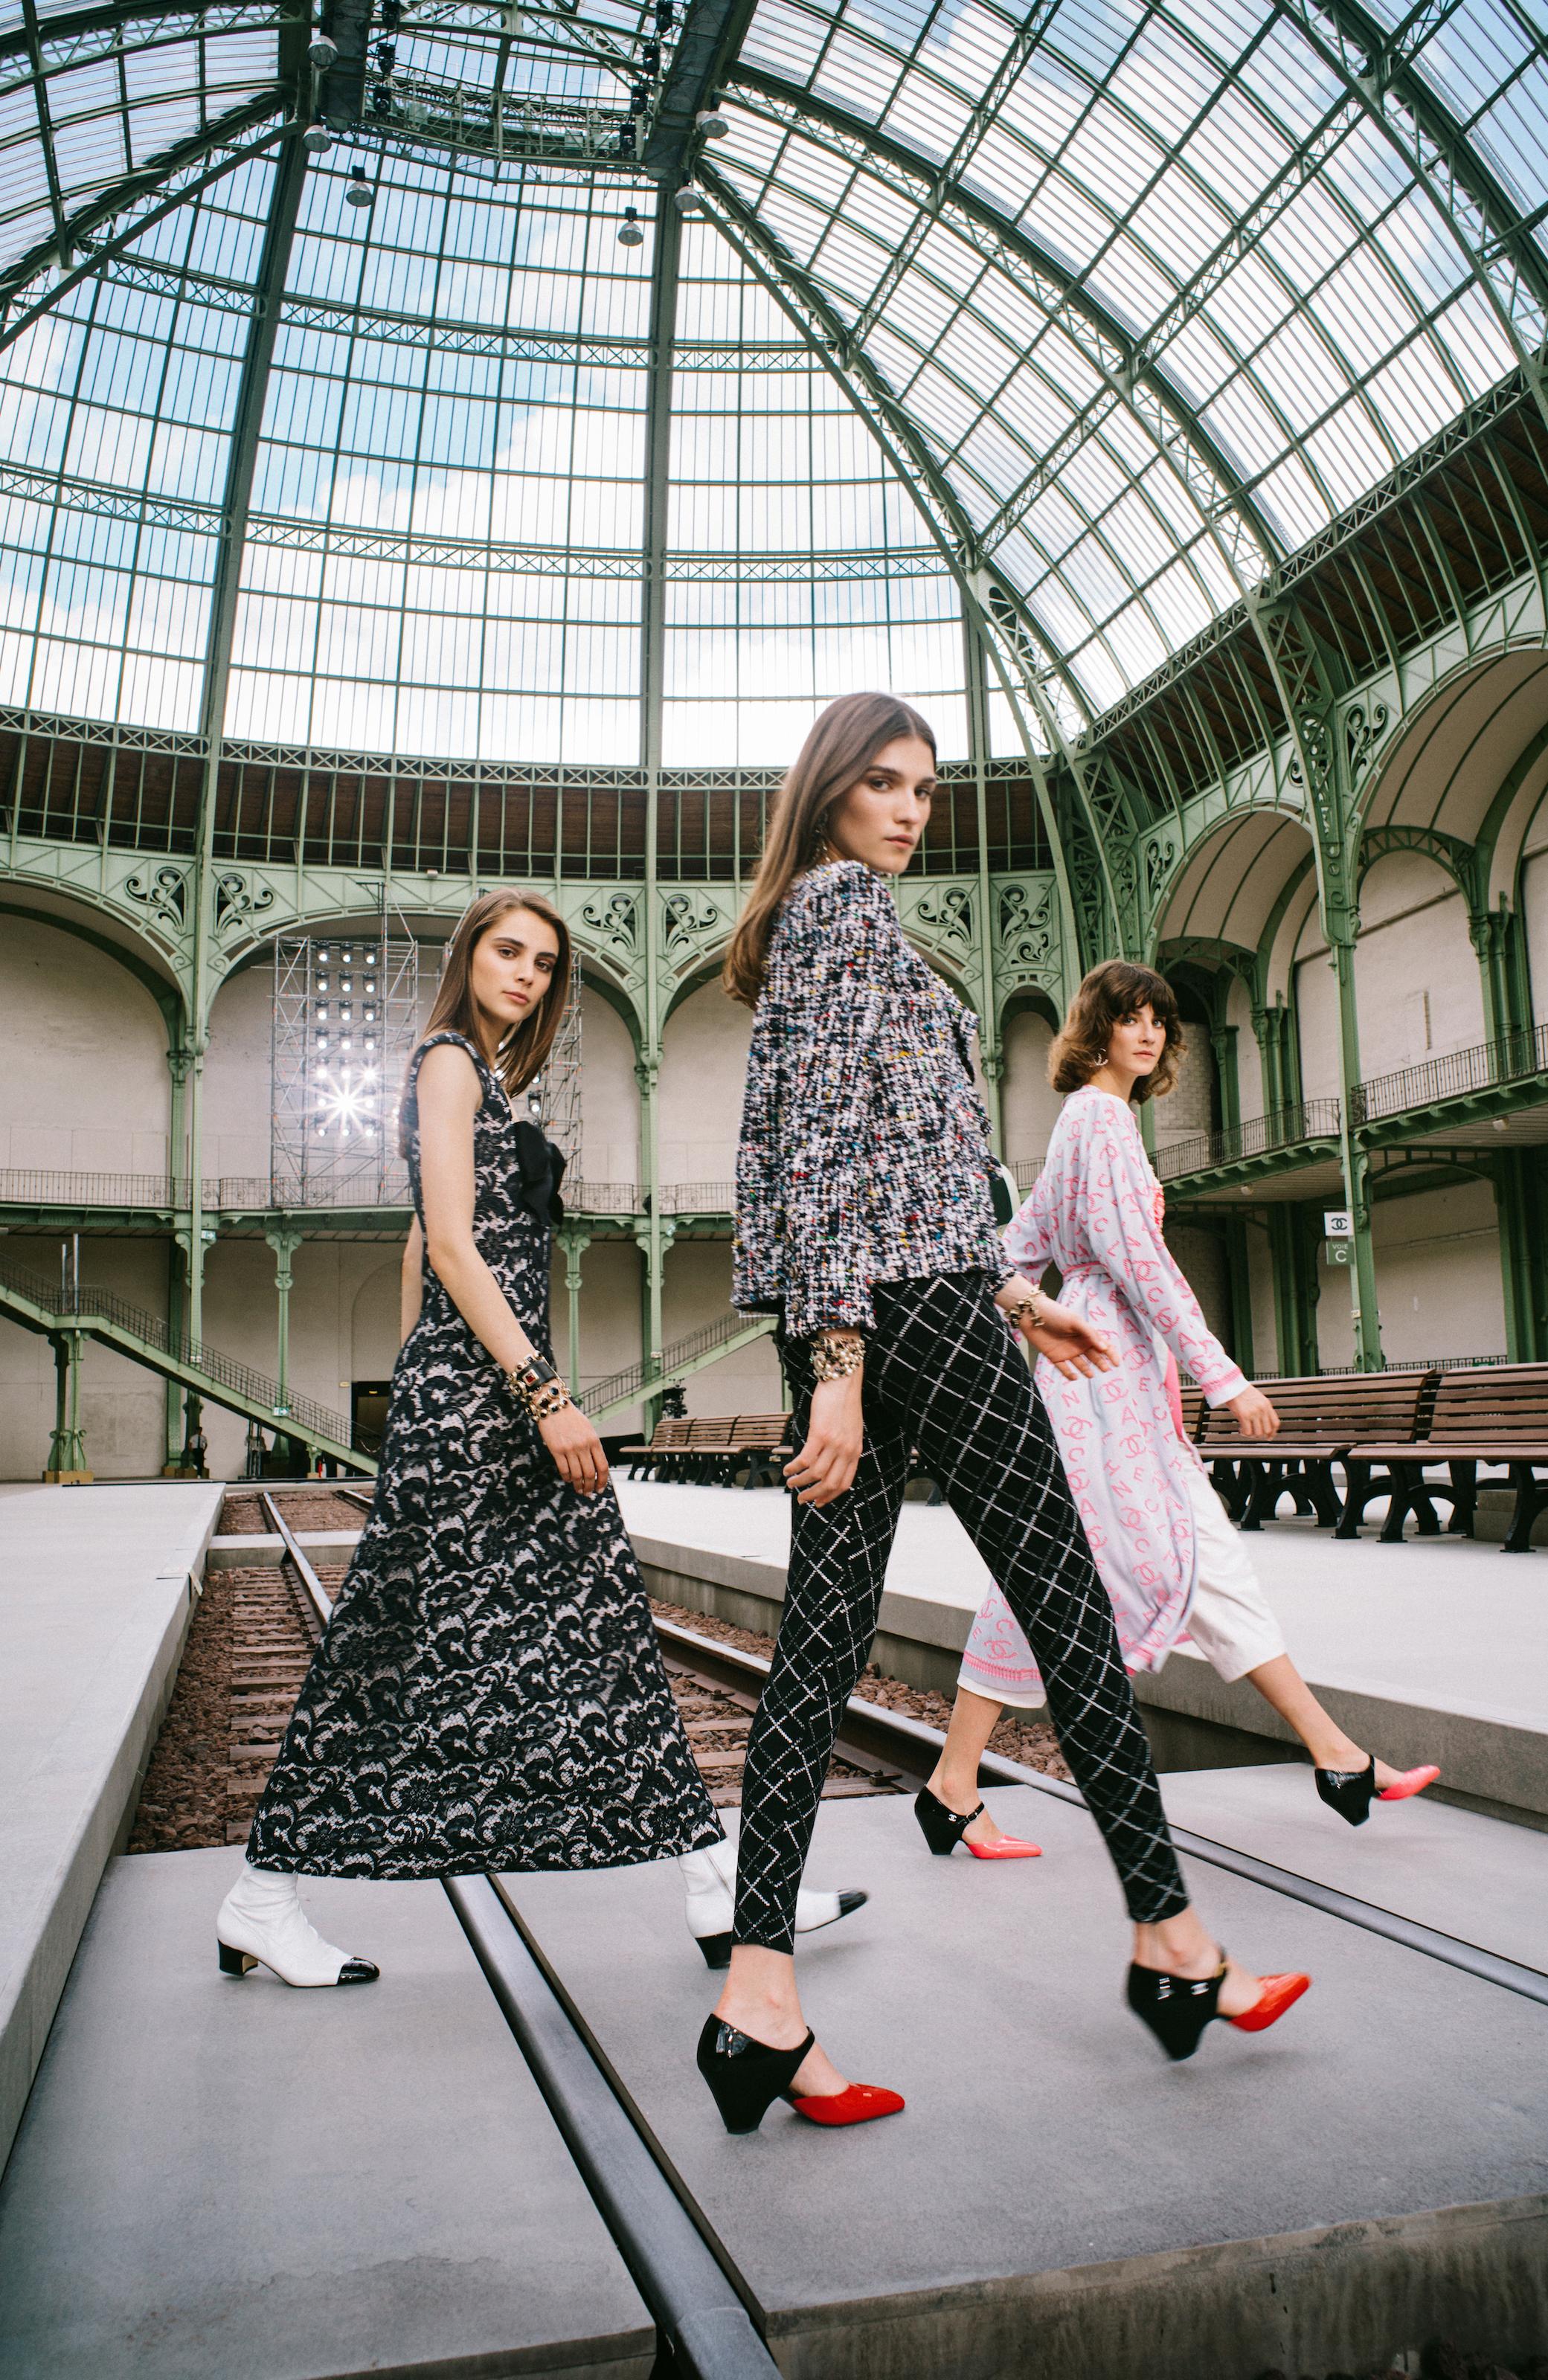 Romy, Irina & Cris / CHANEL Story / Harper's Bazaar HK, 2019